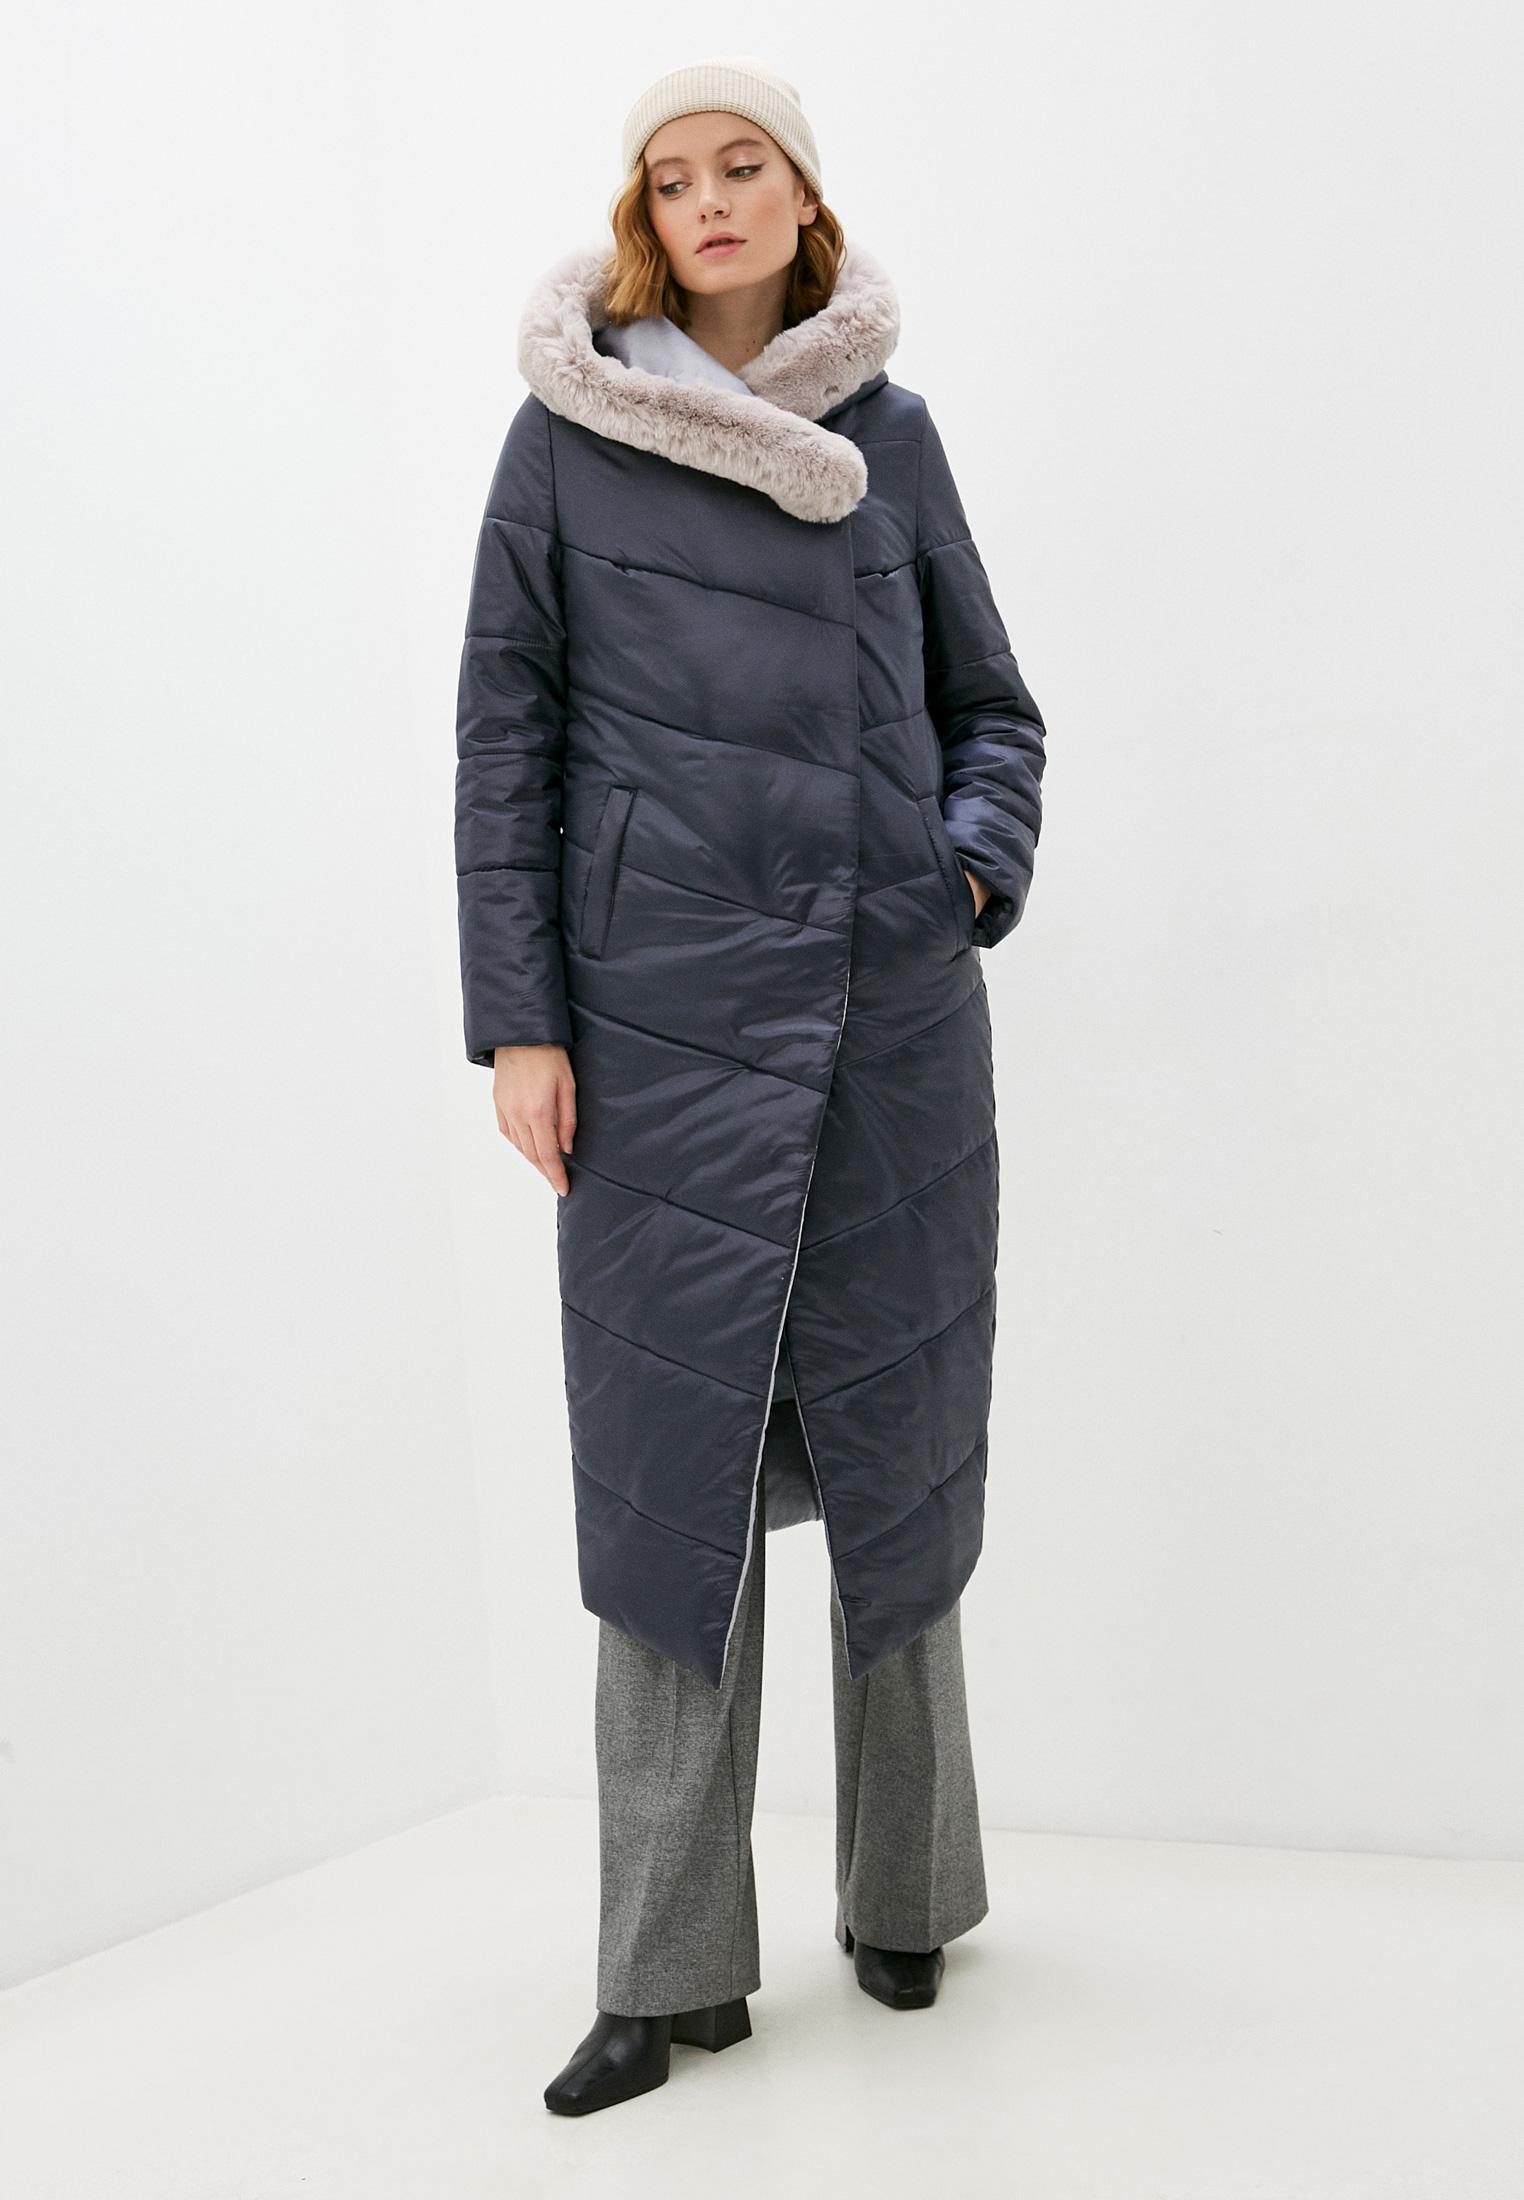 Утепленная куртка Nataliy Beate Пальто мод 150: изображение 1